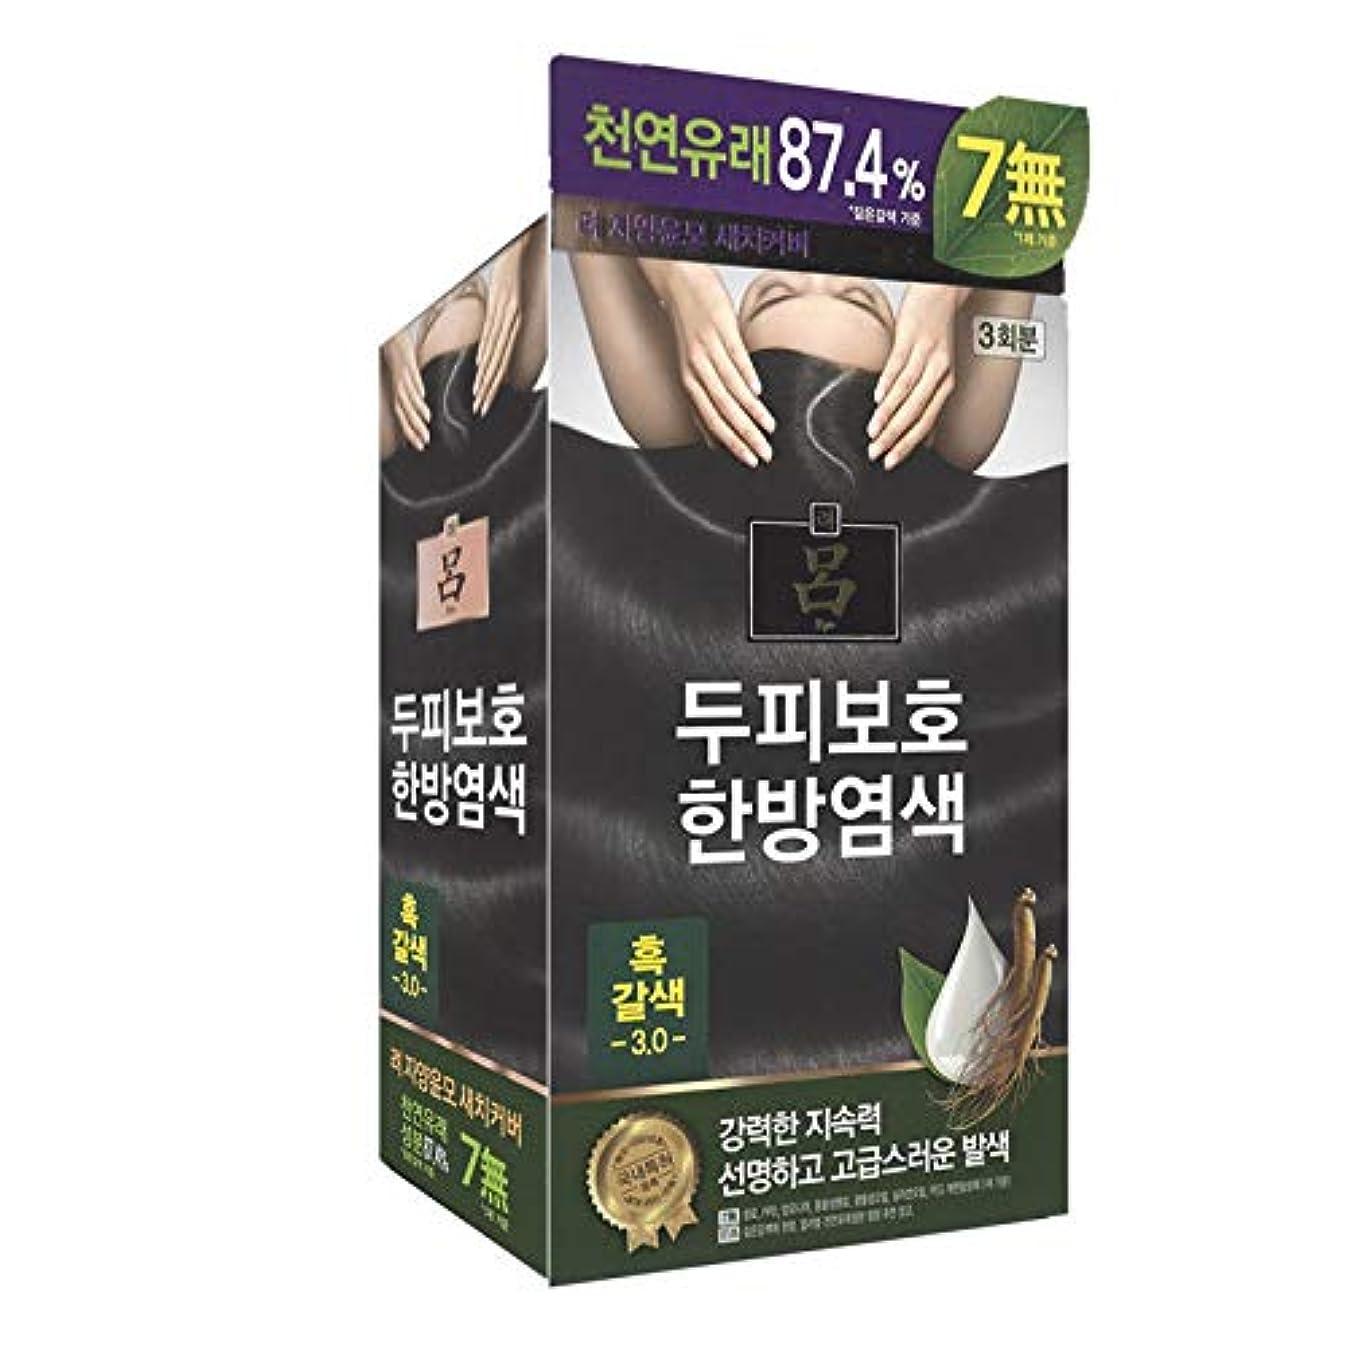 高音きれいに表現アモーレパシフィック呂[AMOREPACIFIC/Ryo] Jayang Yunmoグレーヘアカバー 3.0 黒褐色(Blackish Brown)